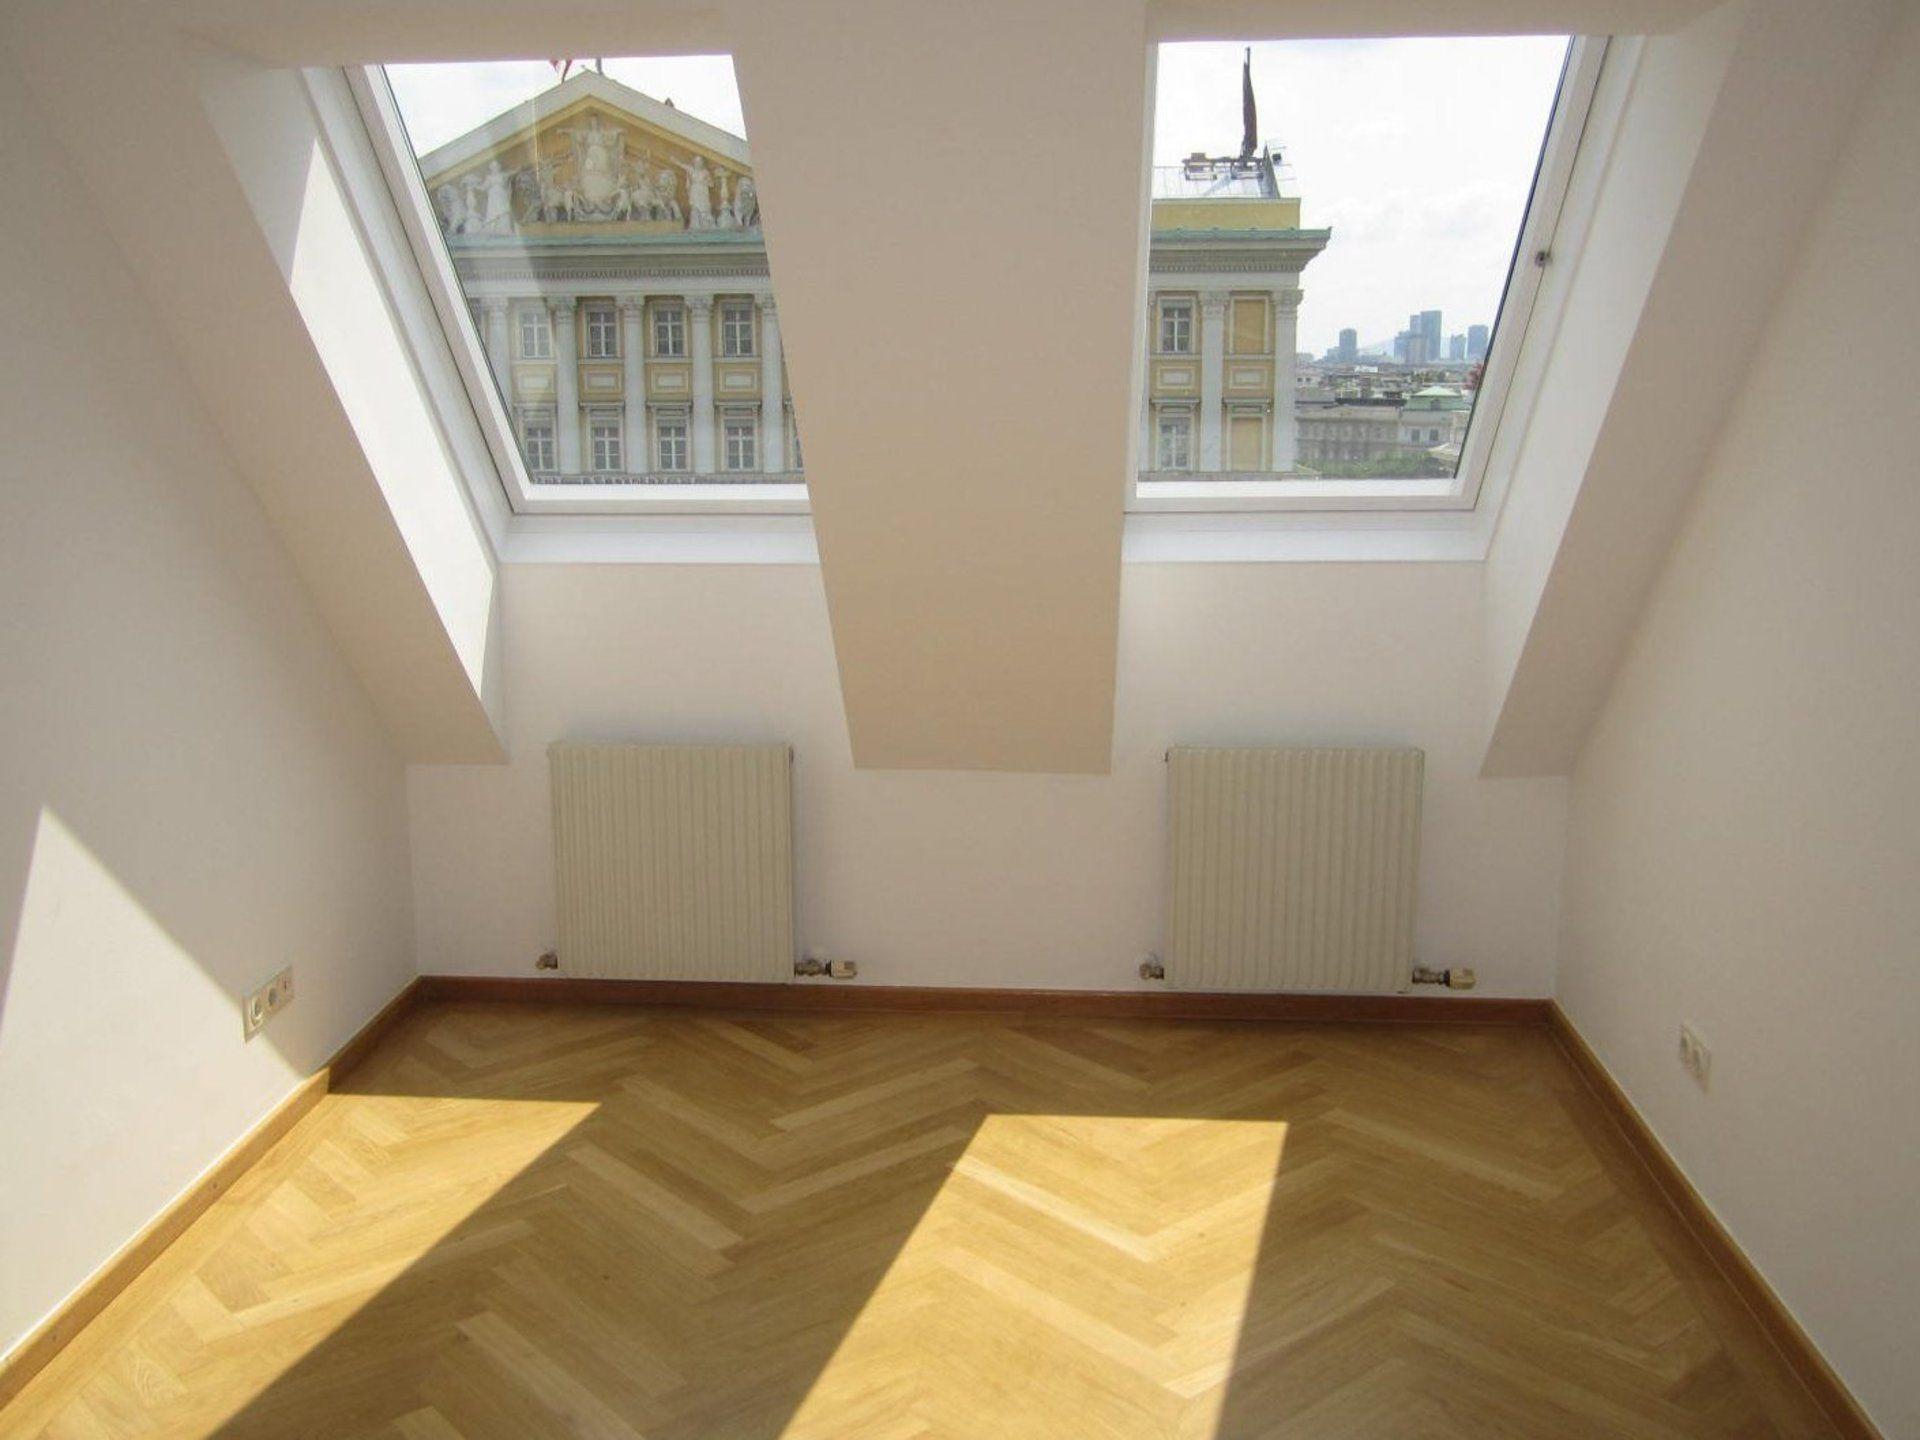 Kärntner Ring 15, 1010 Wien